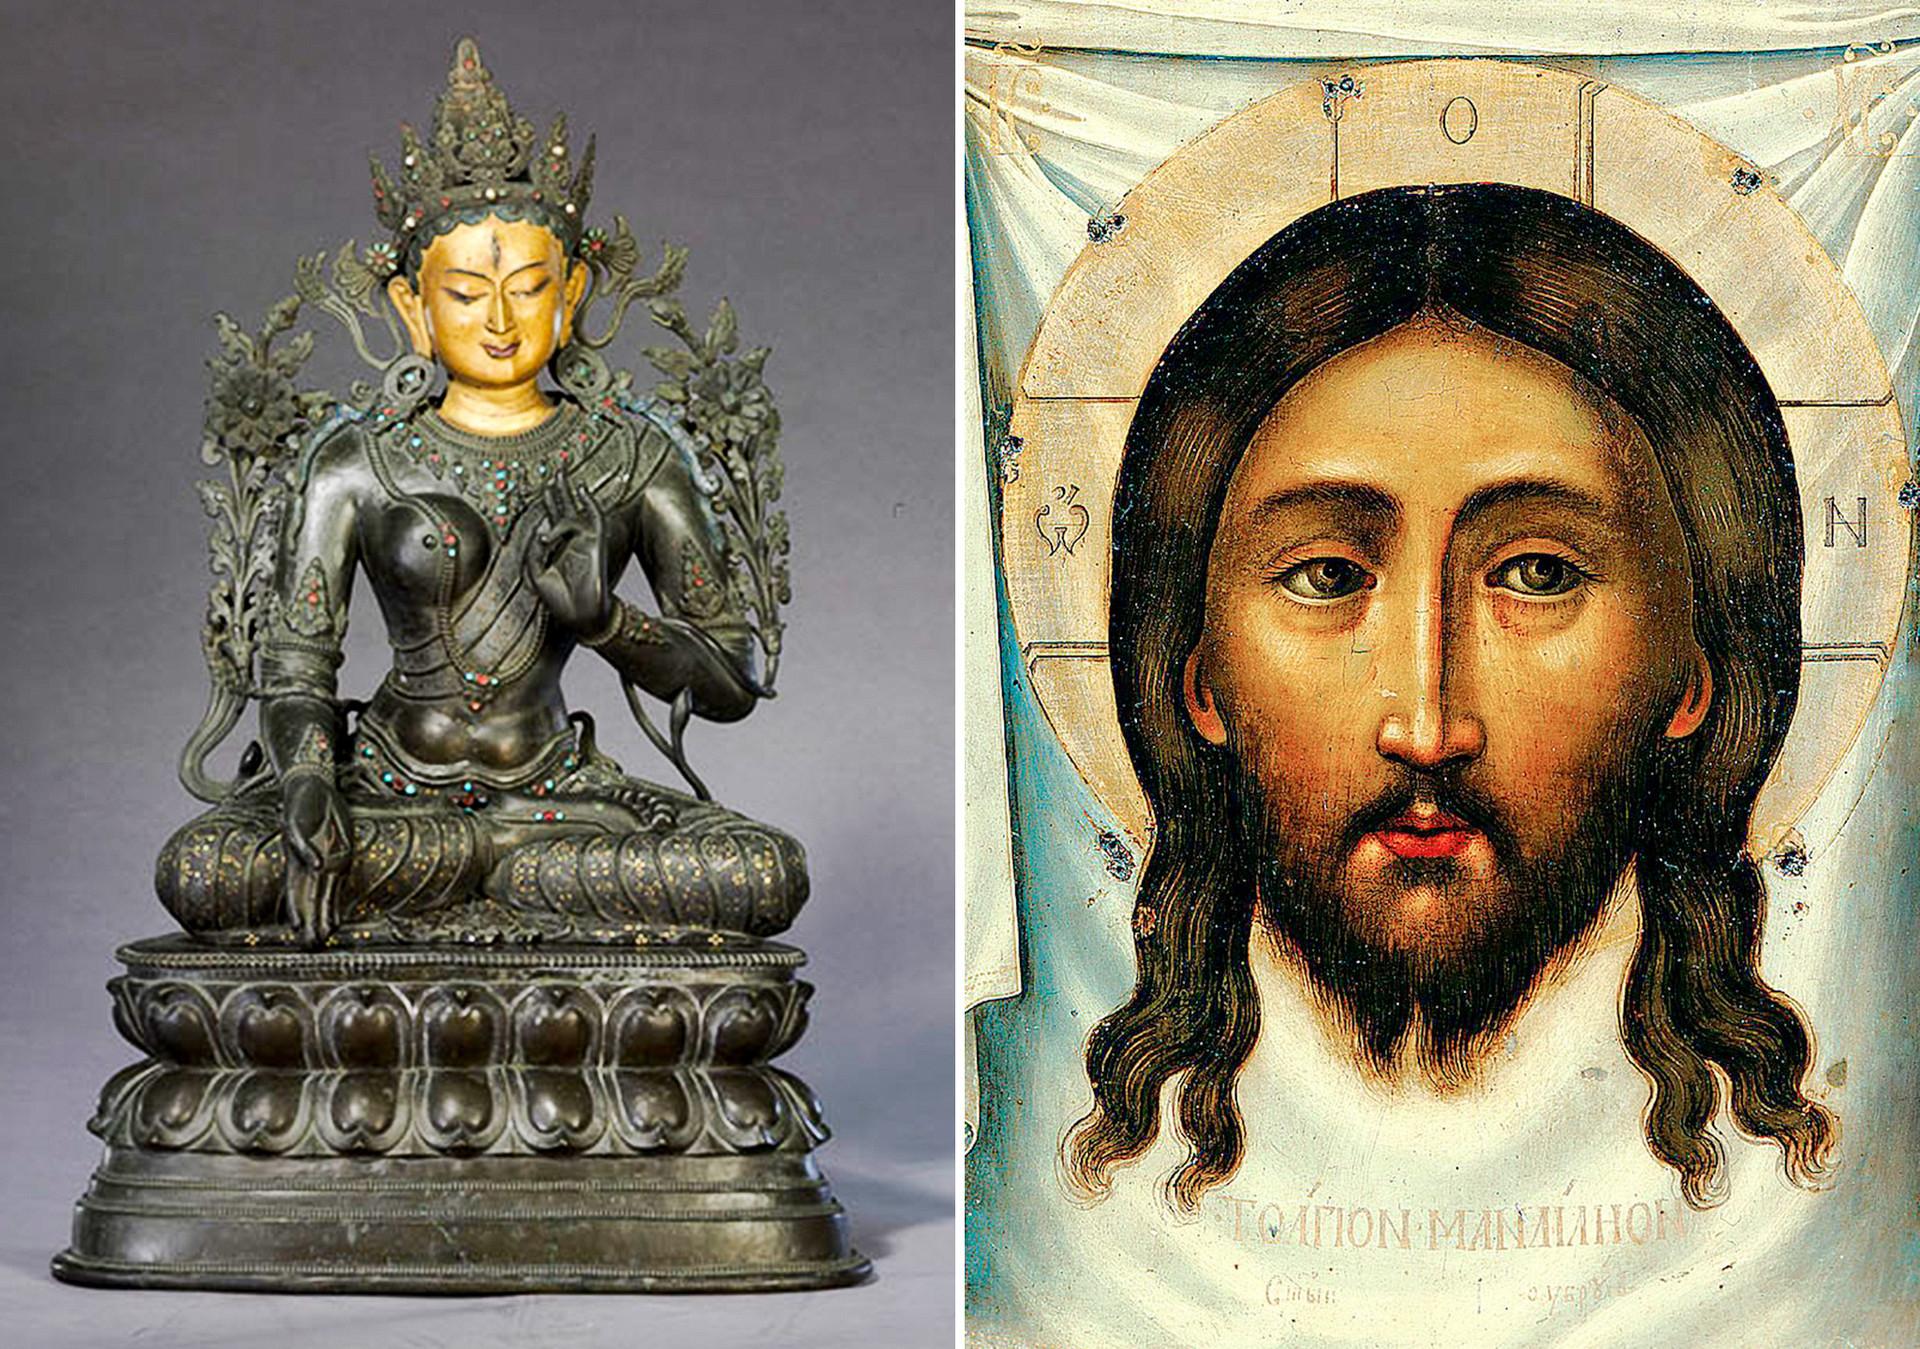 Lijevo: Kip Bijele Tare. Dinastija Qing, vladavina Qianlonga (1736.–1796.) Desno: Sveti Mandilion. 1677.